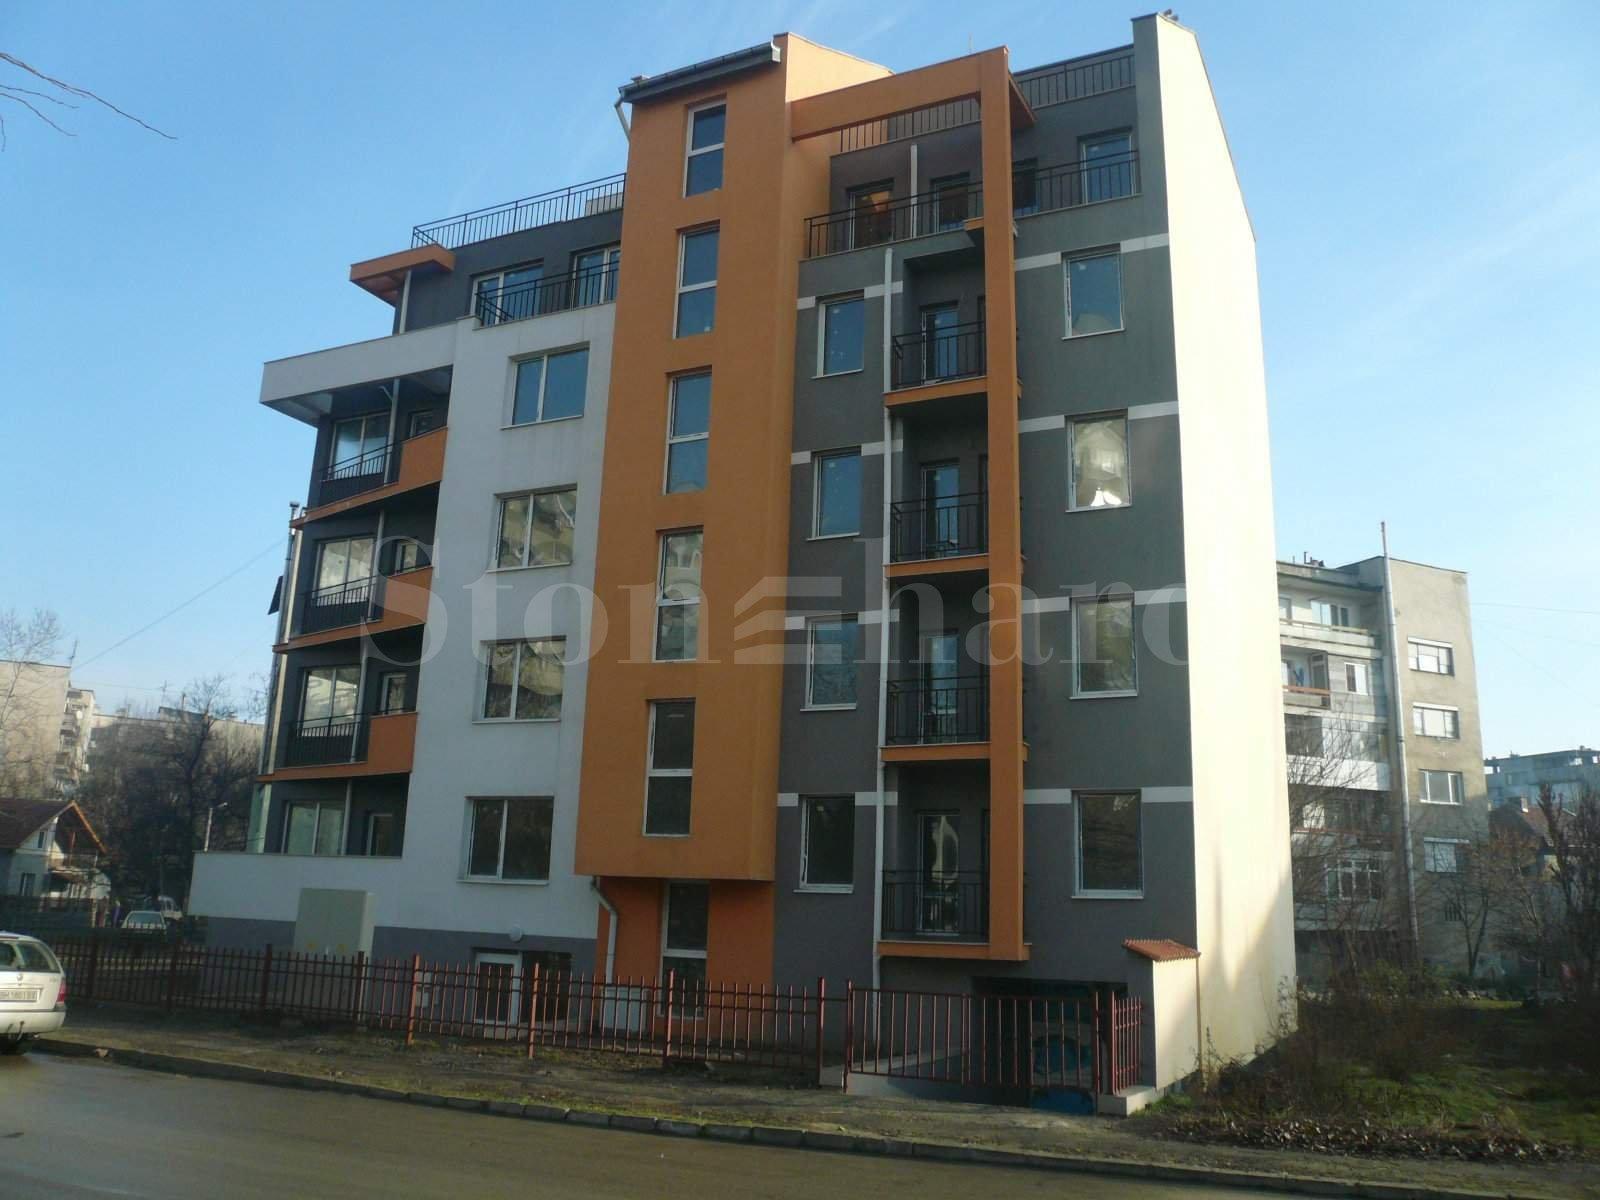 Elegant residential building in a quiet area 2 - Stonehard